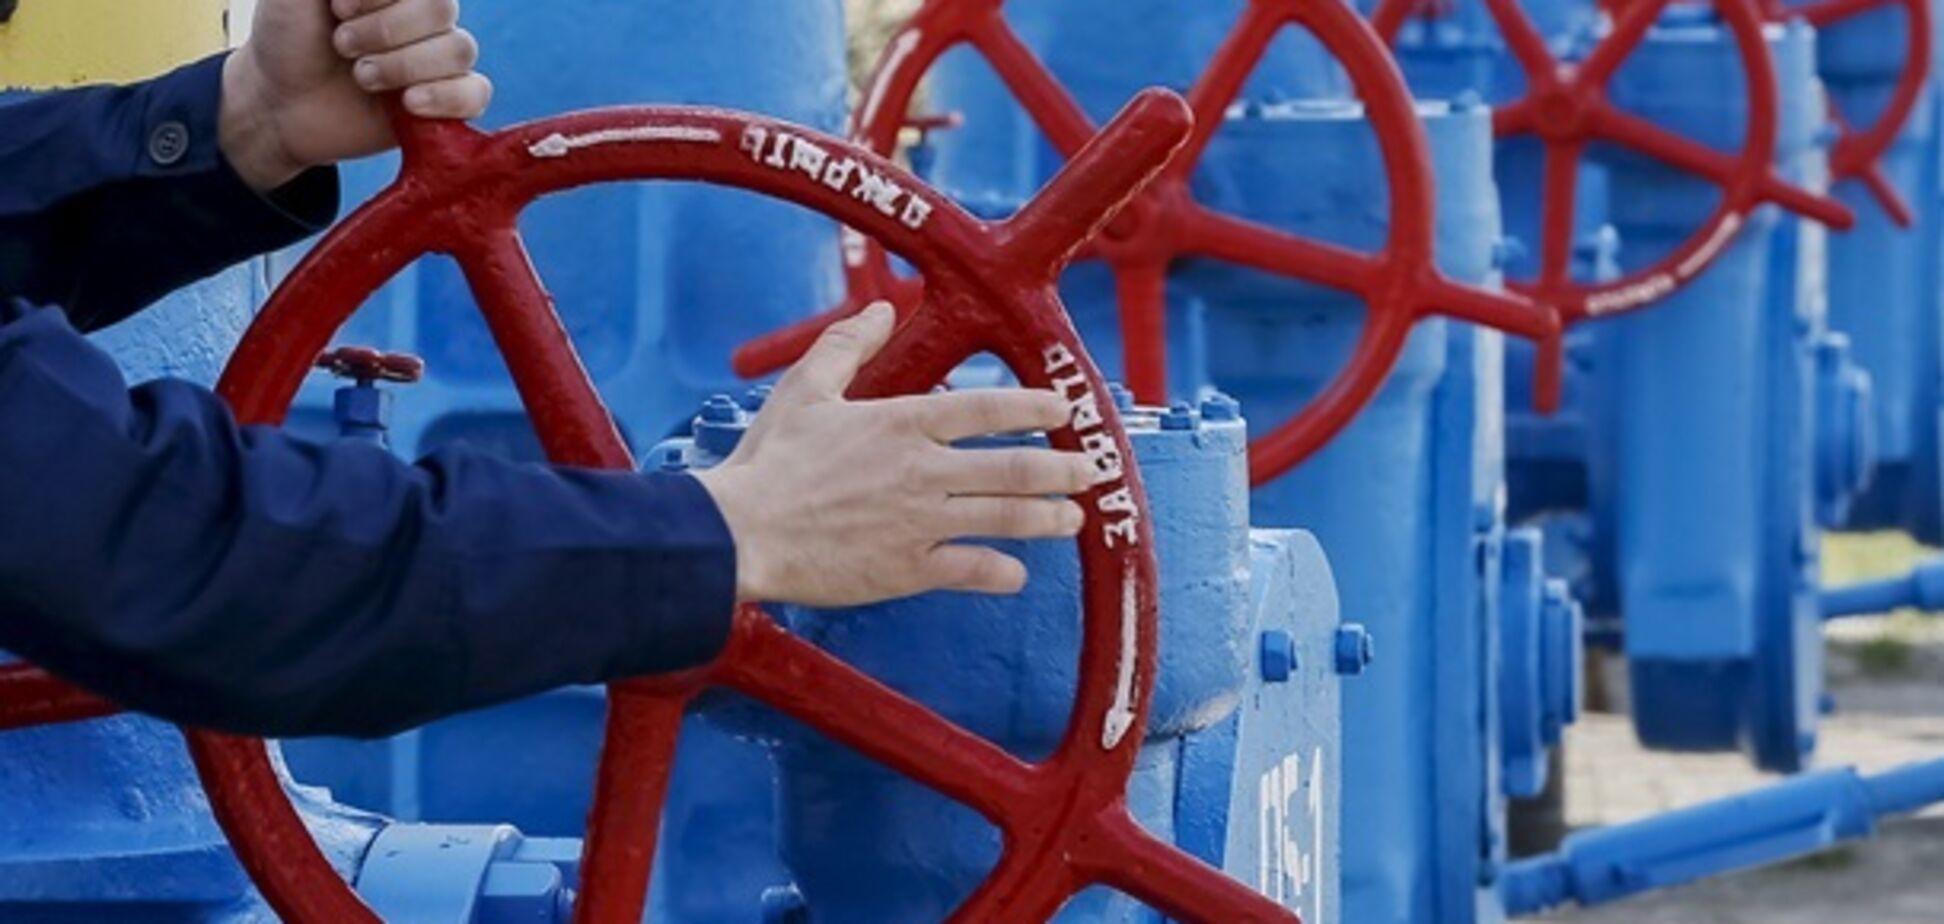 Германия прекратила покупку российского газа. 'Газпром' по-тихому прикрутил вентиль